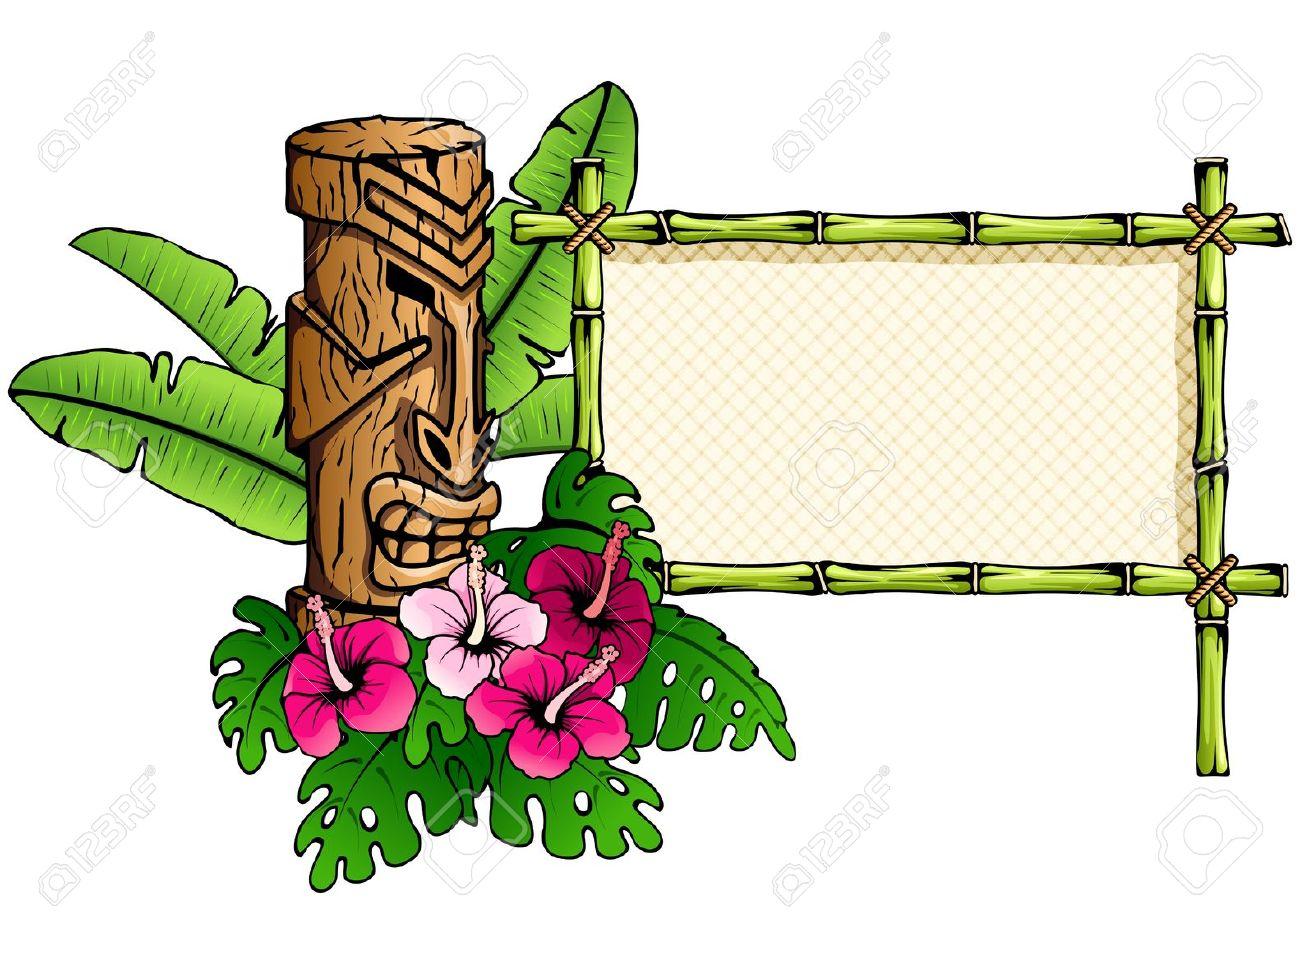 1300x974 Hawaii Clipart Tiki Bar